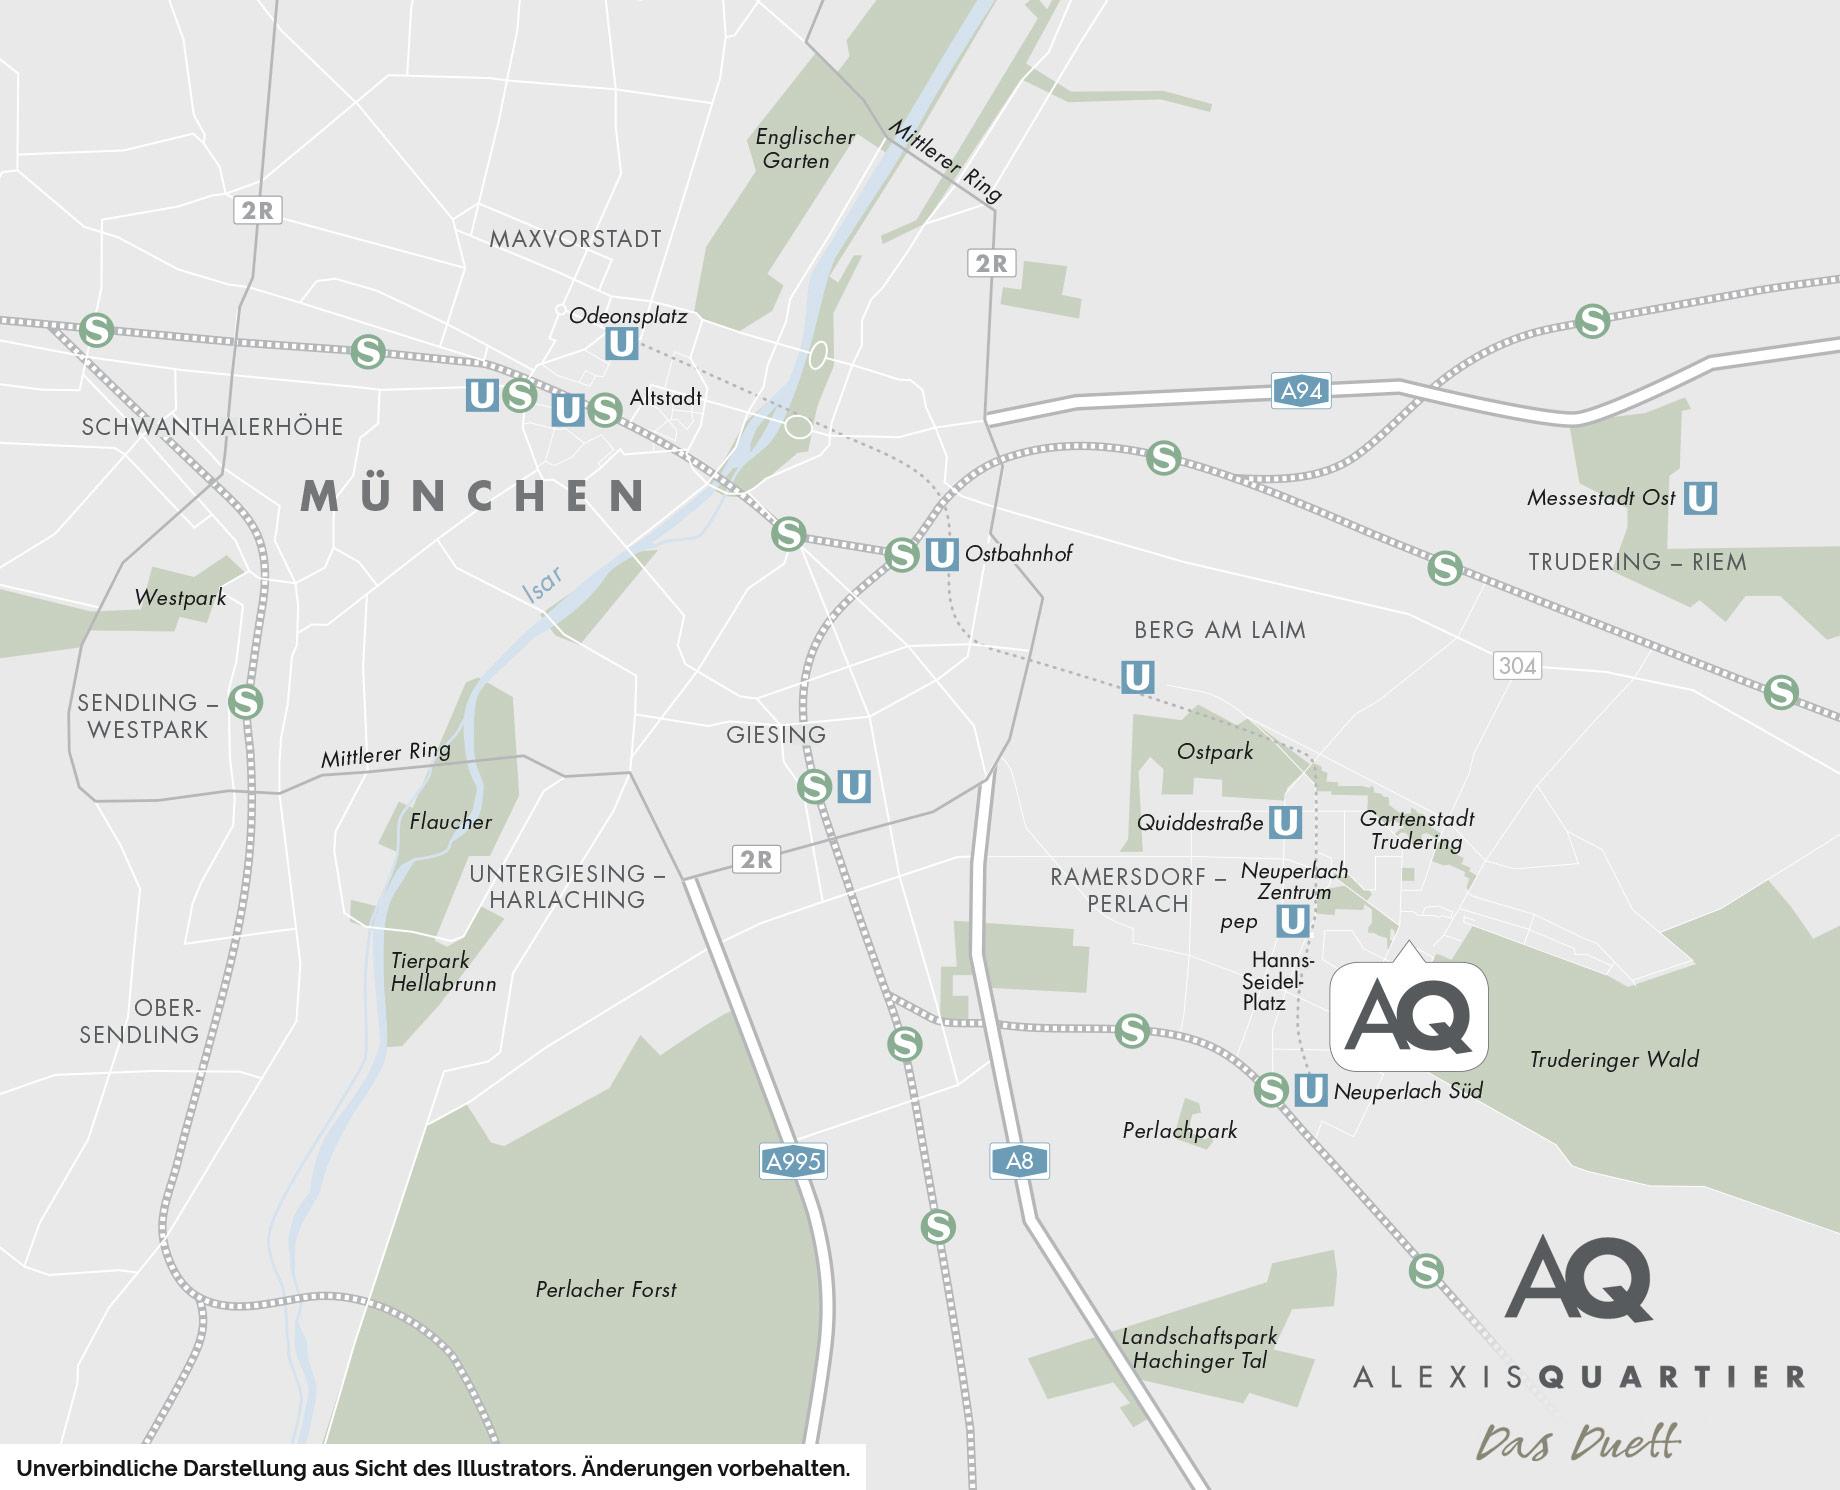 Immobilie Alexisquartier - Das Duett - Stadtplanausschnitt 1